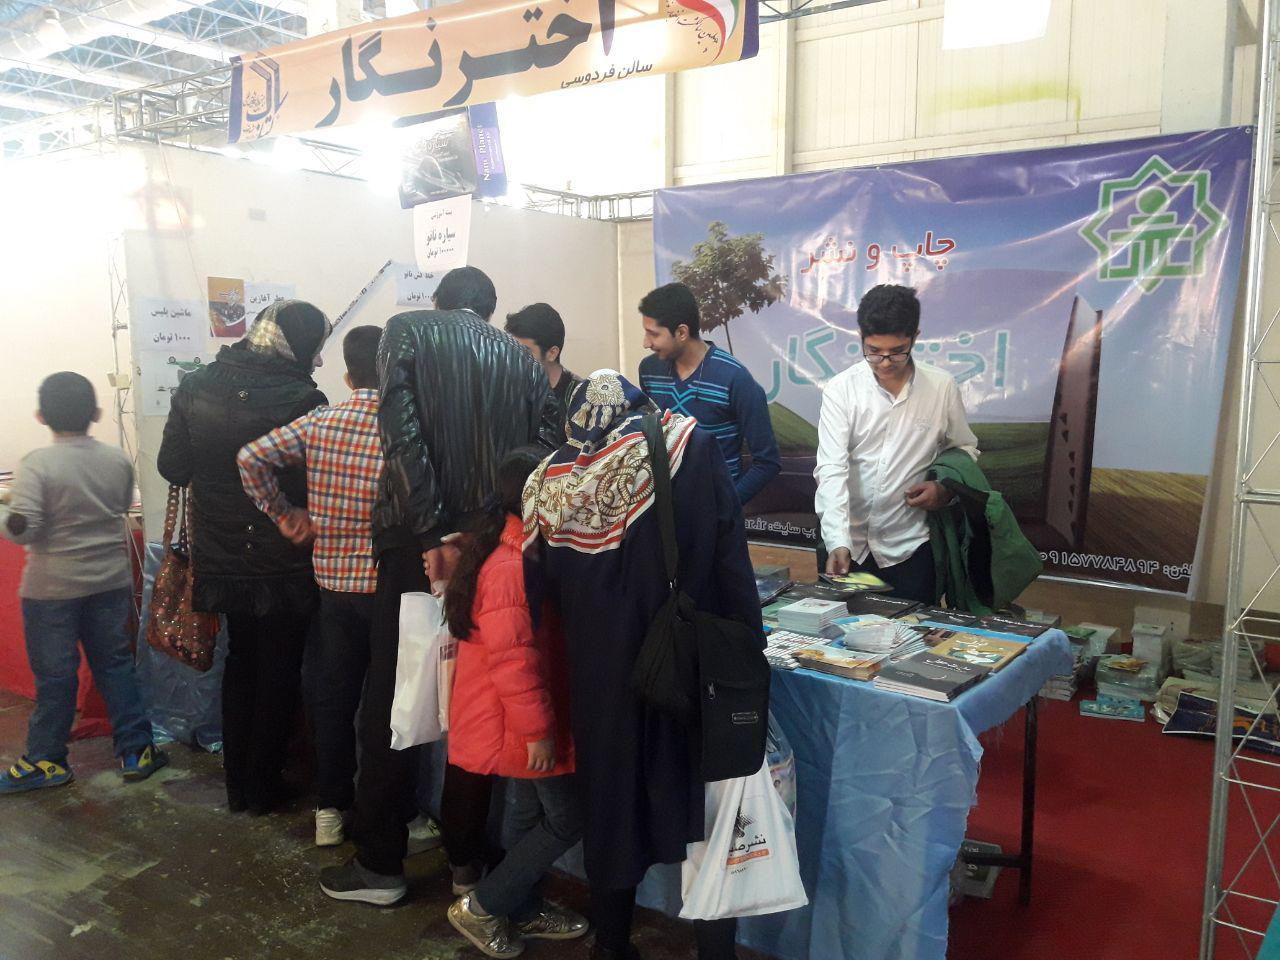 حضور نخستین ناشر خوافی در نمایشگاه بین المللی کتاب خراسان رضوی